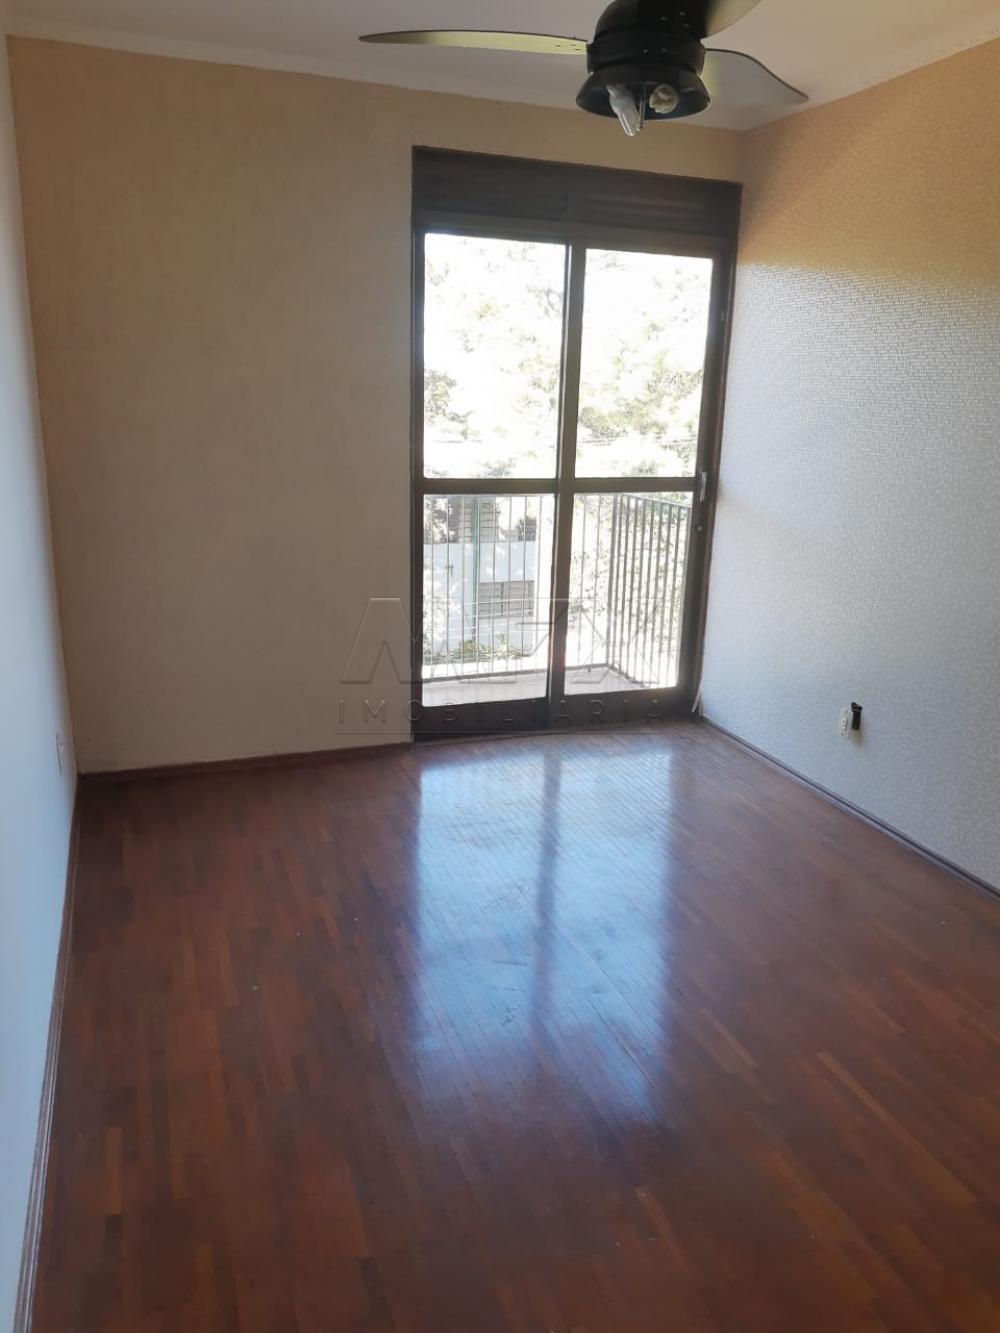 Comprar Apartamento / Padrão em Bauru R$ 154.000,00 - Foto 13